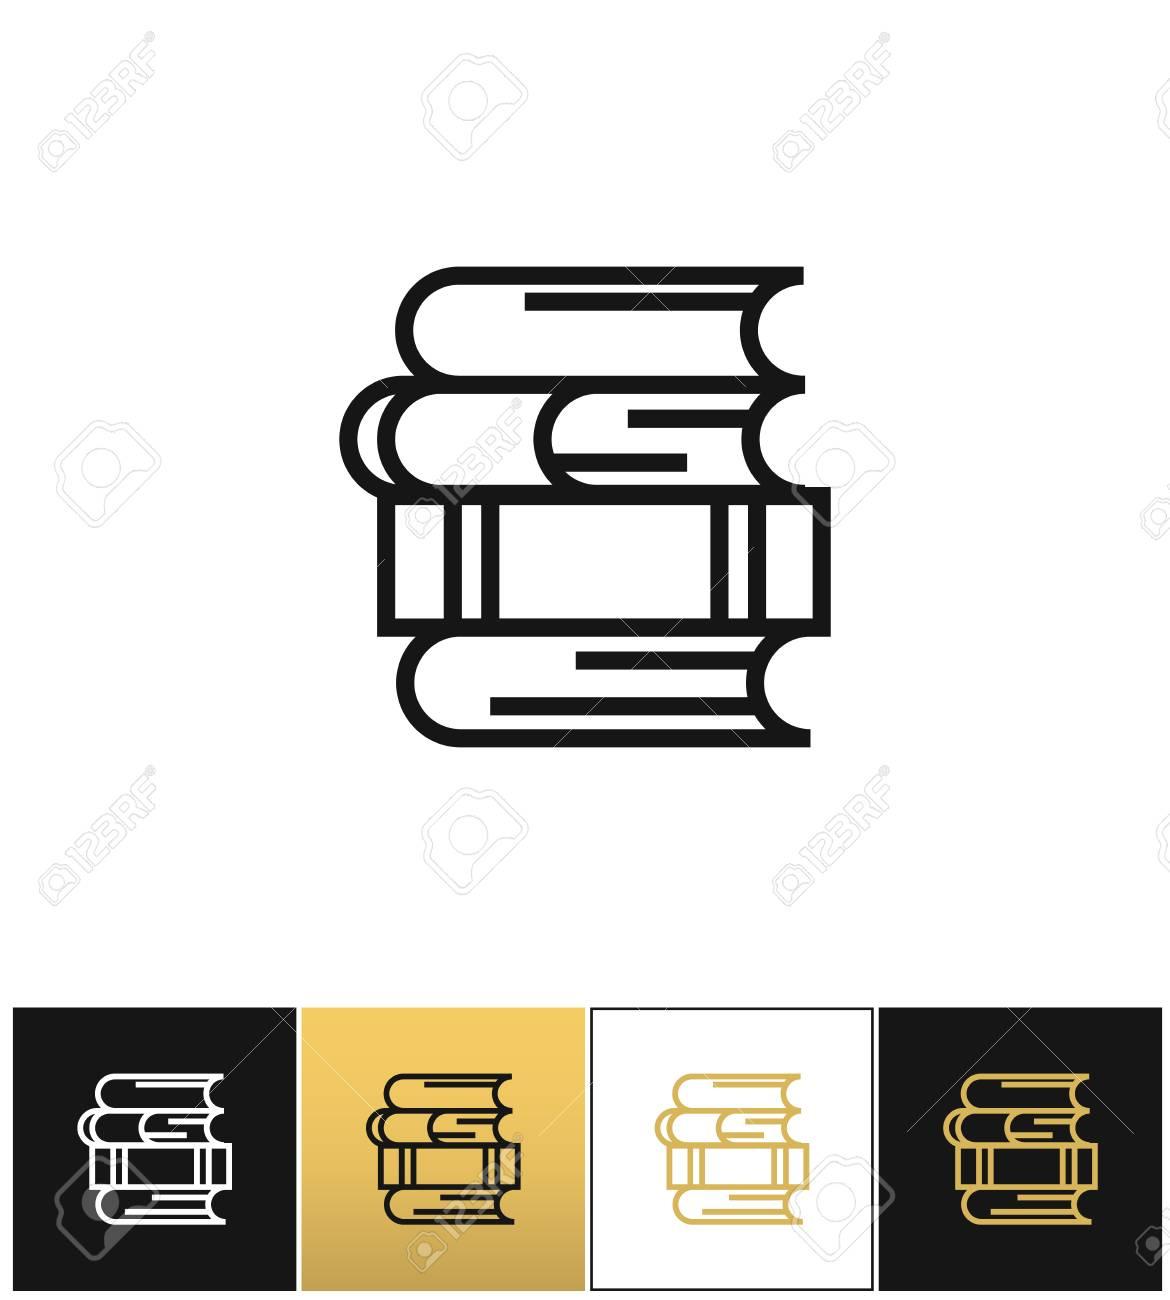 Pile De Livres Lineaire Pour Etude Et Icone De Vecteur De Bibliotheque Pile De Livres Lineaire Pour Etude Et Pictogramme De Bibliotheque Sur Fond